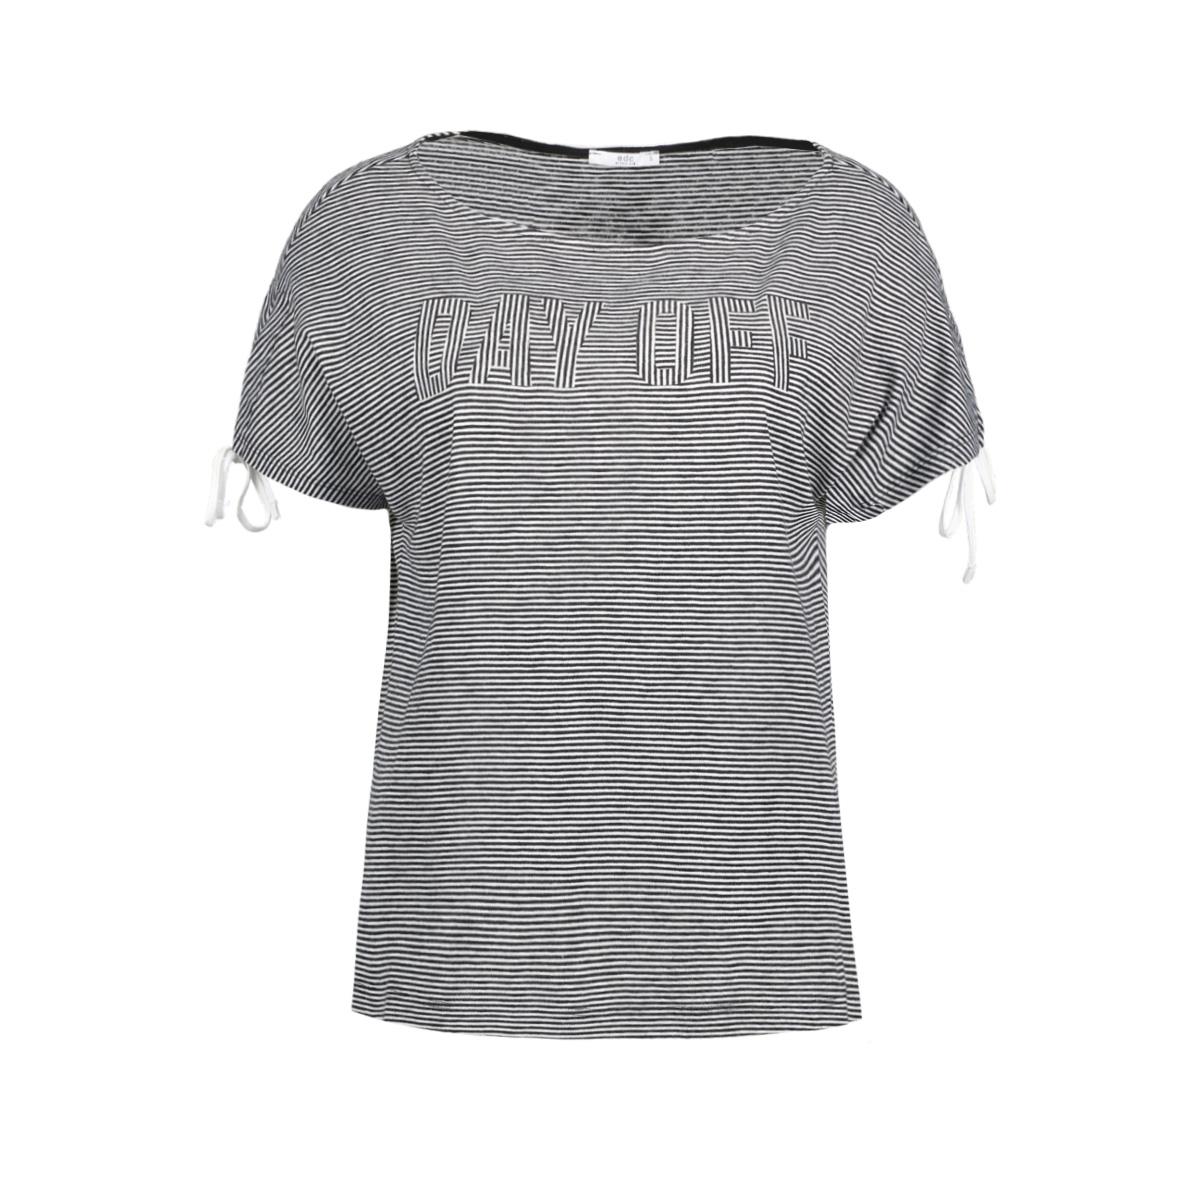 077cc1k025 edc t-shirt c001